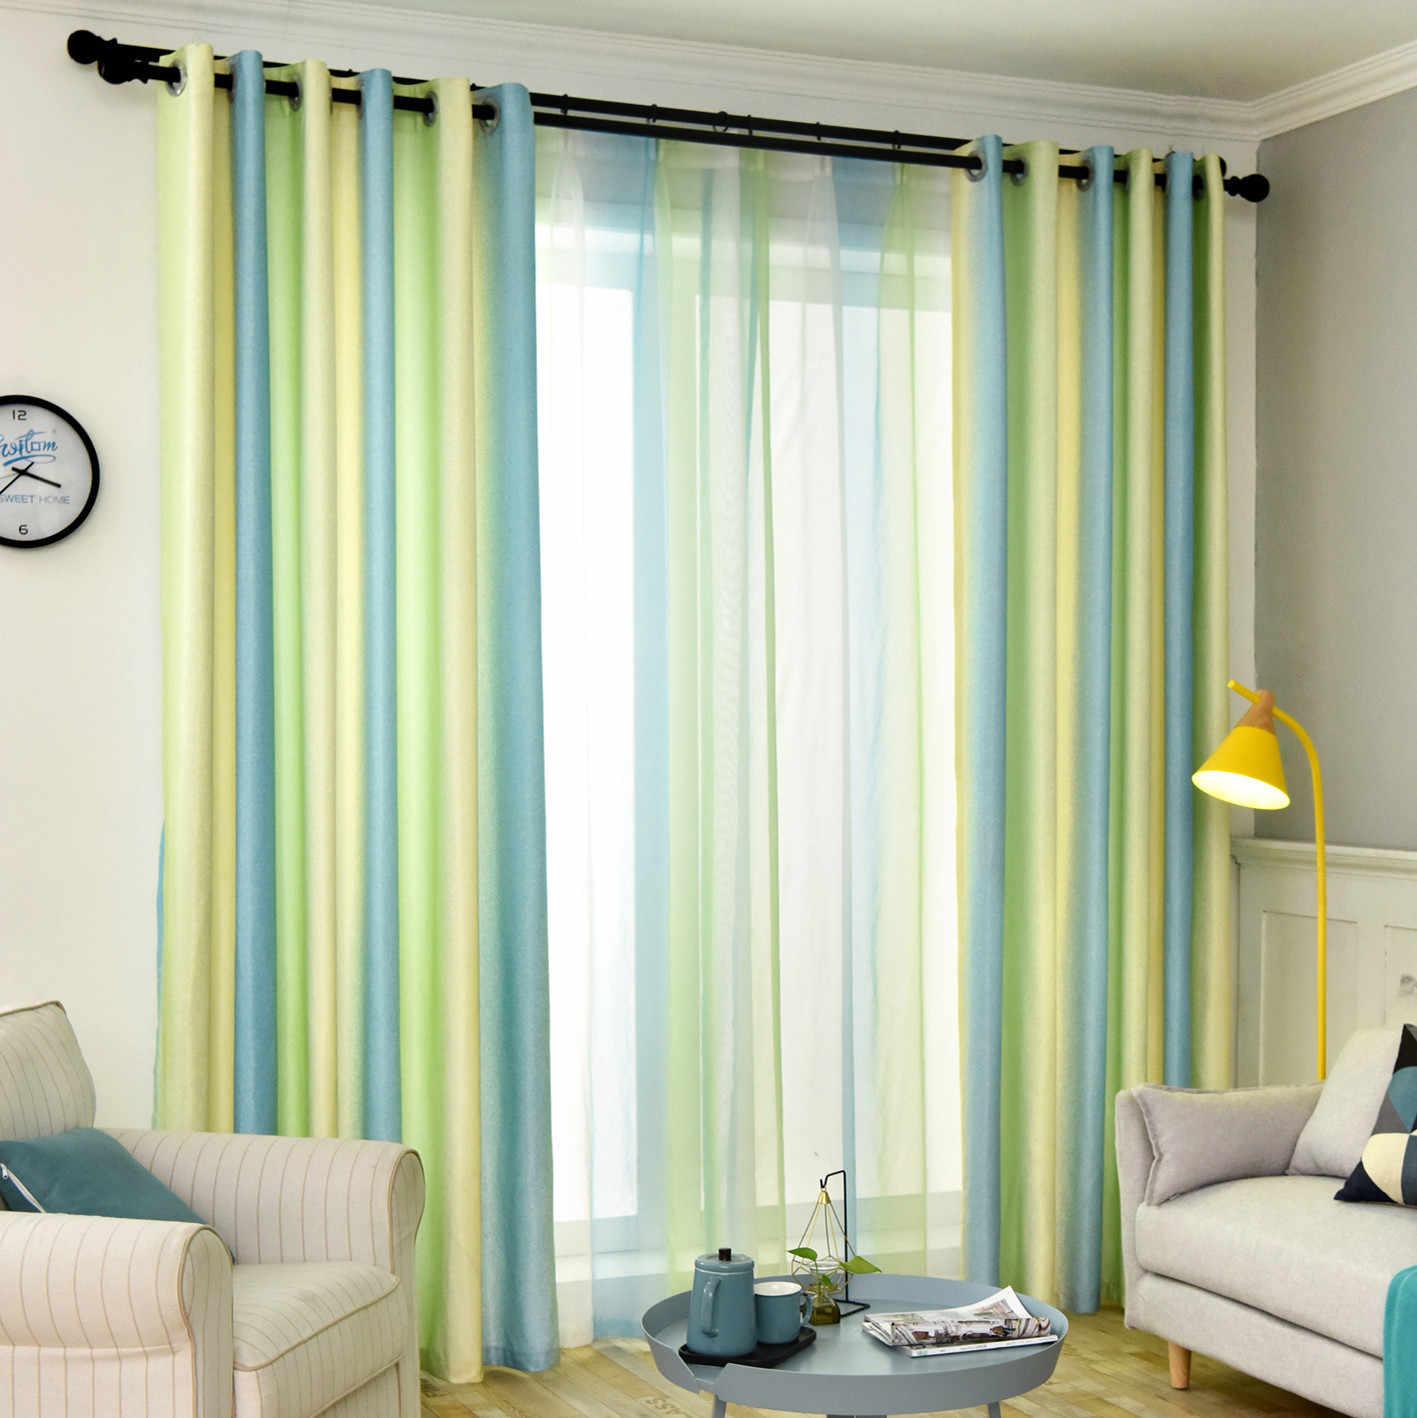 Простые современные шторы для гостиной тени имитация льна Curtins для спальни в скандинавском стиле градиентные полосатые шторы ткань